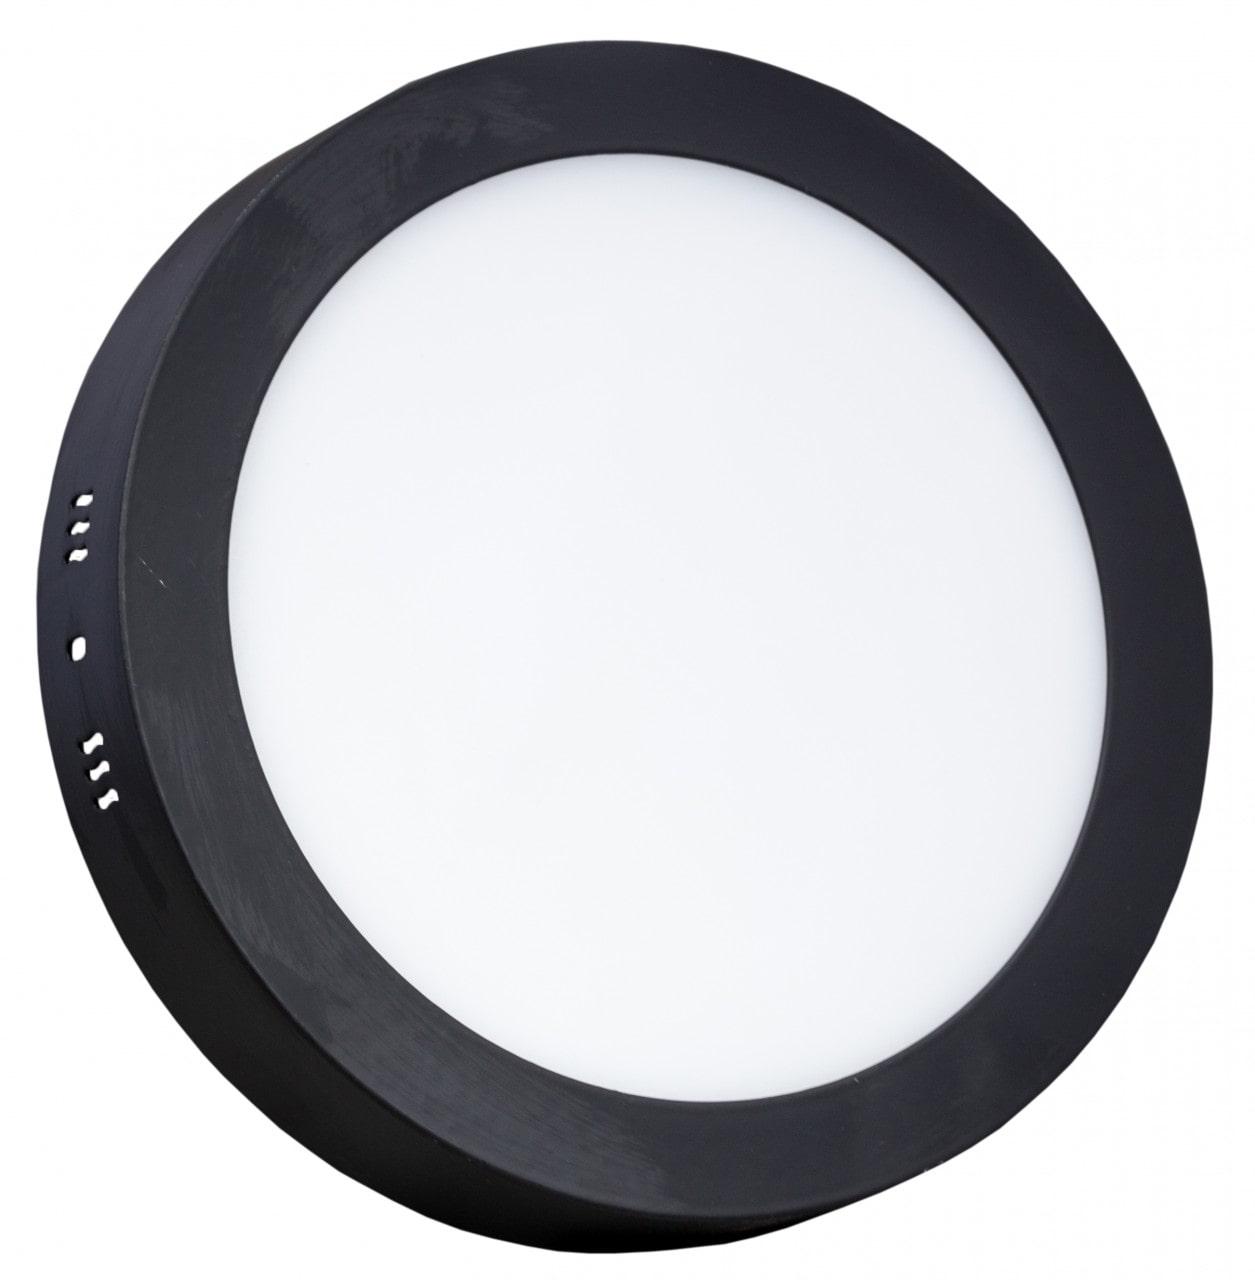 đèn led ốp trần vỏ đen hình tròn